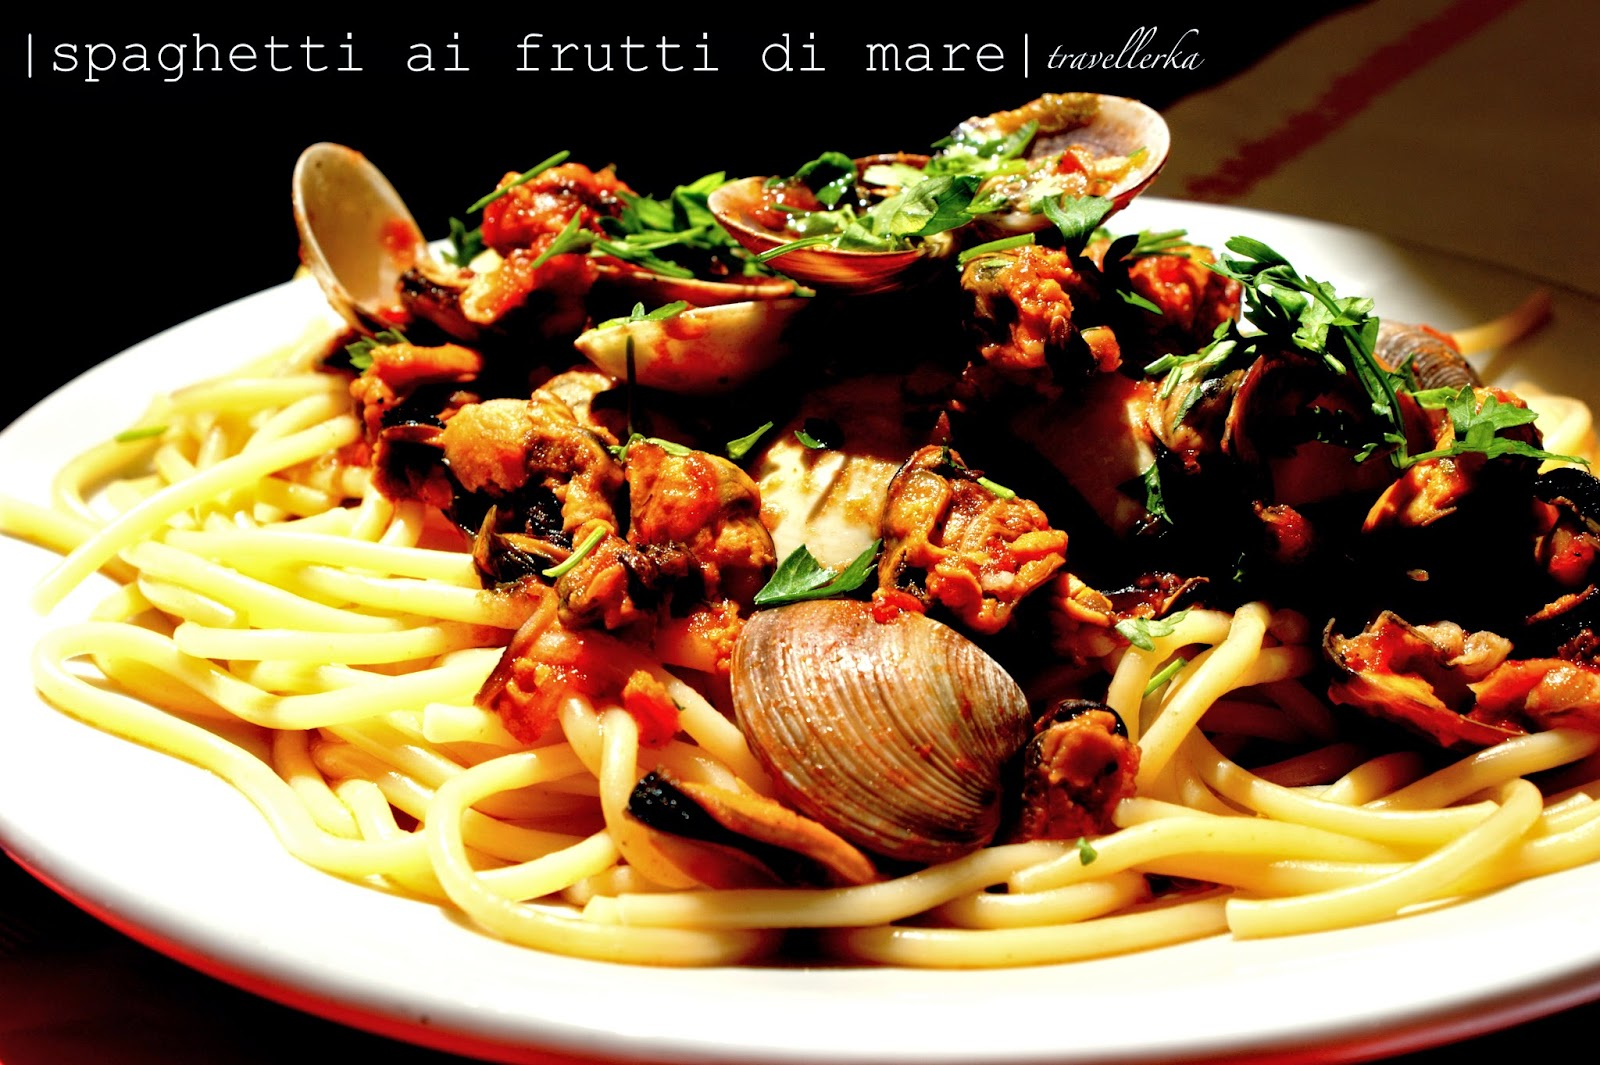 spaghetti ai frutti di mare